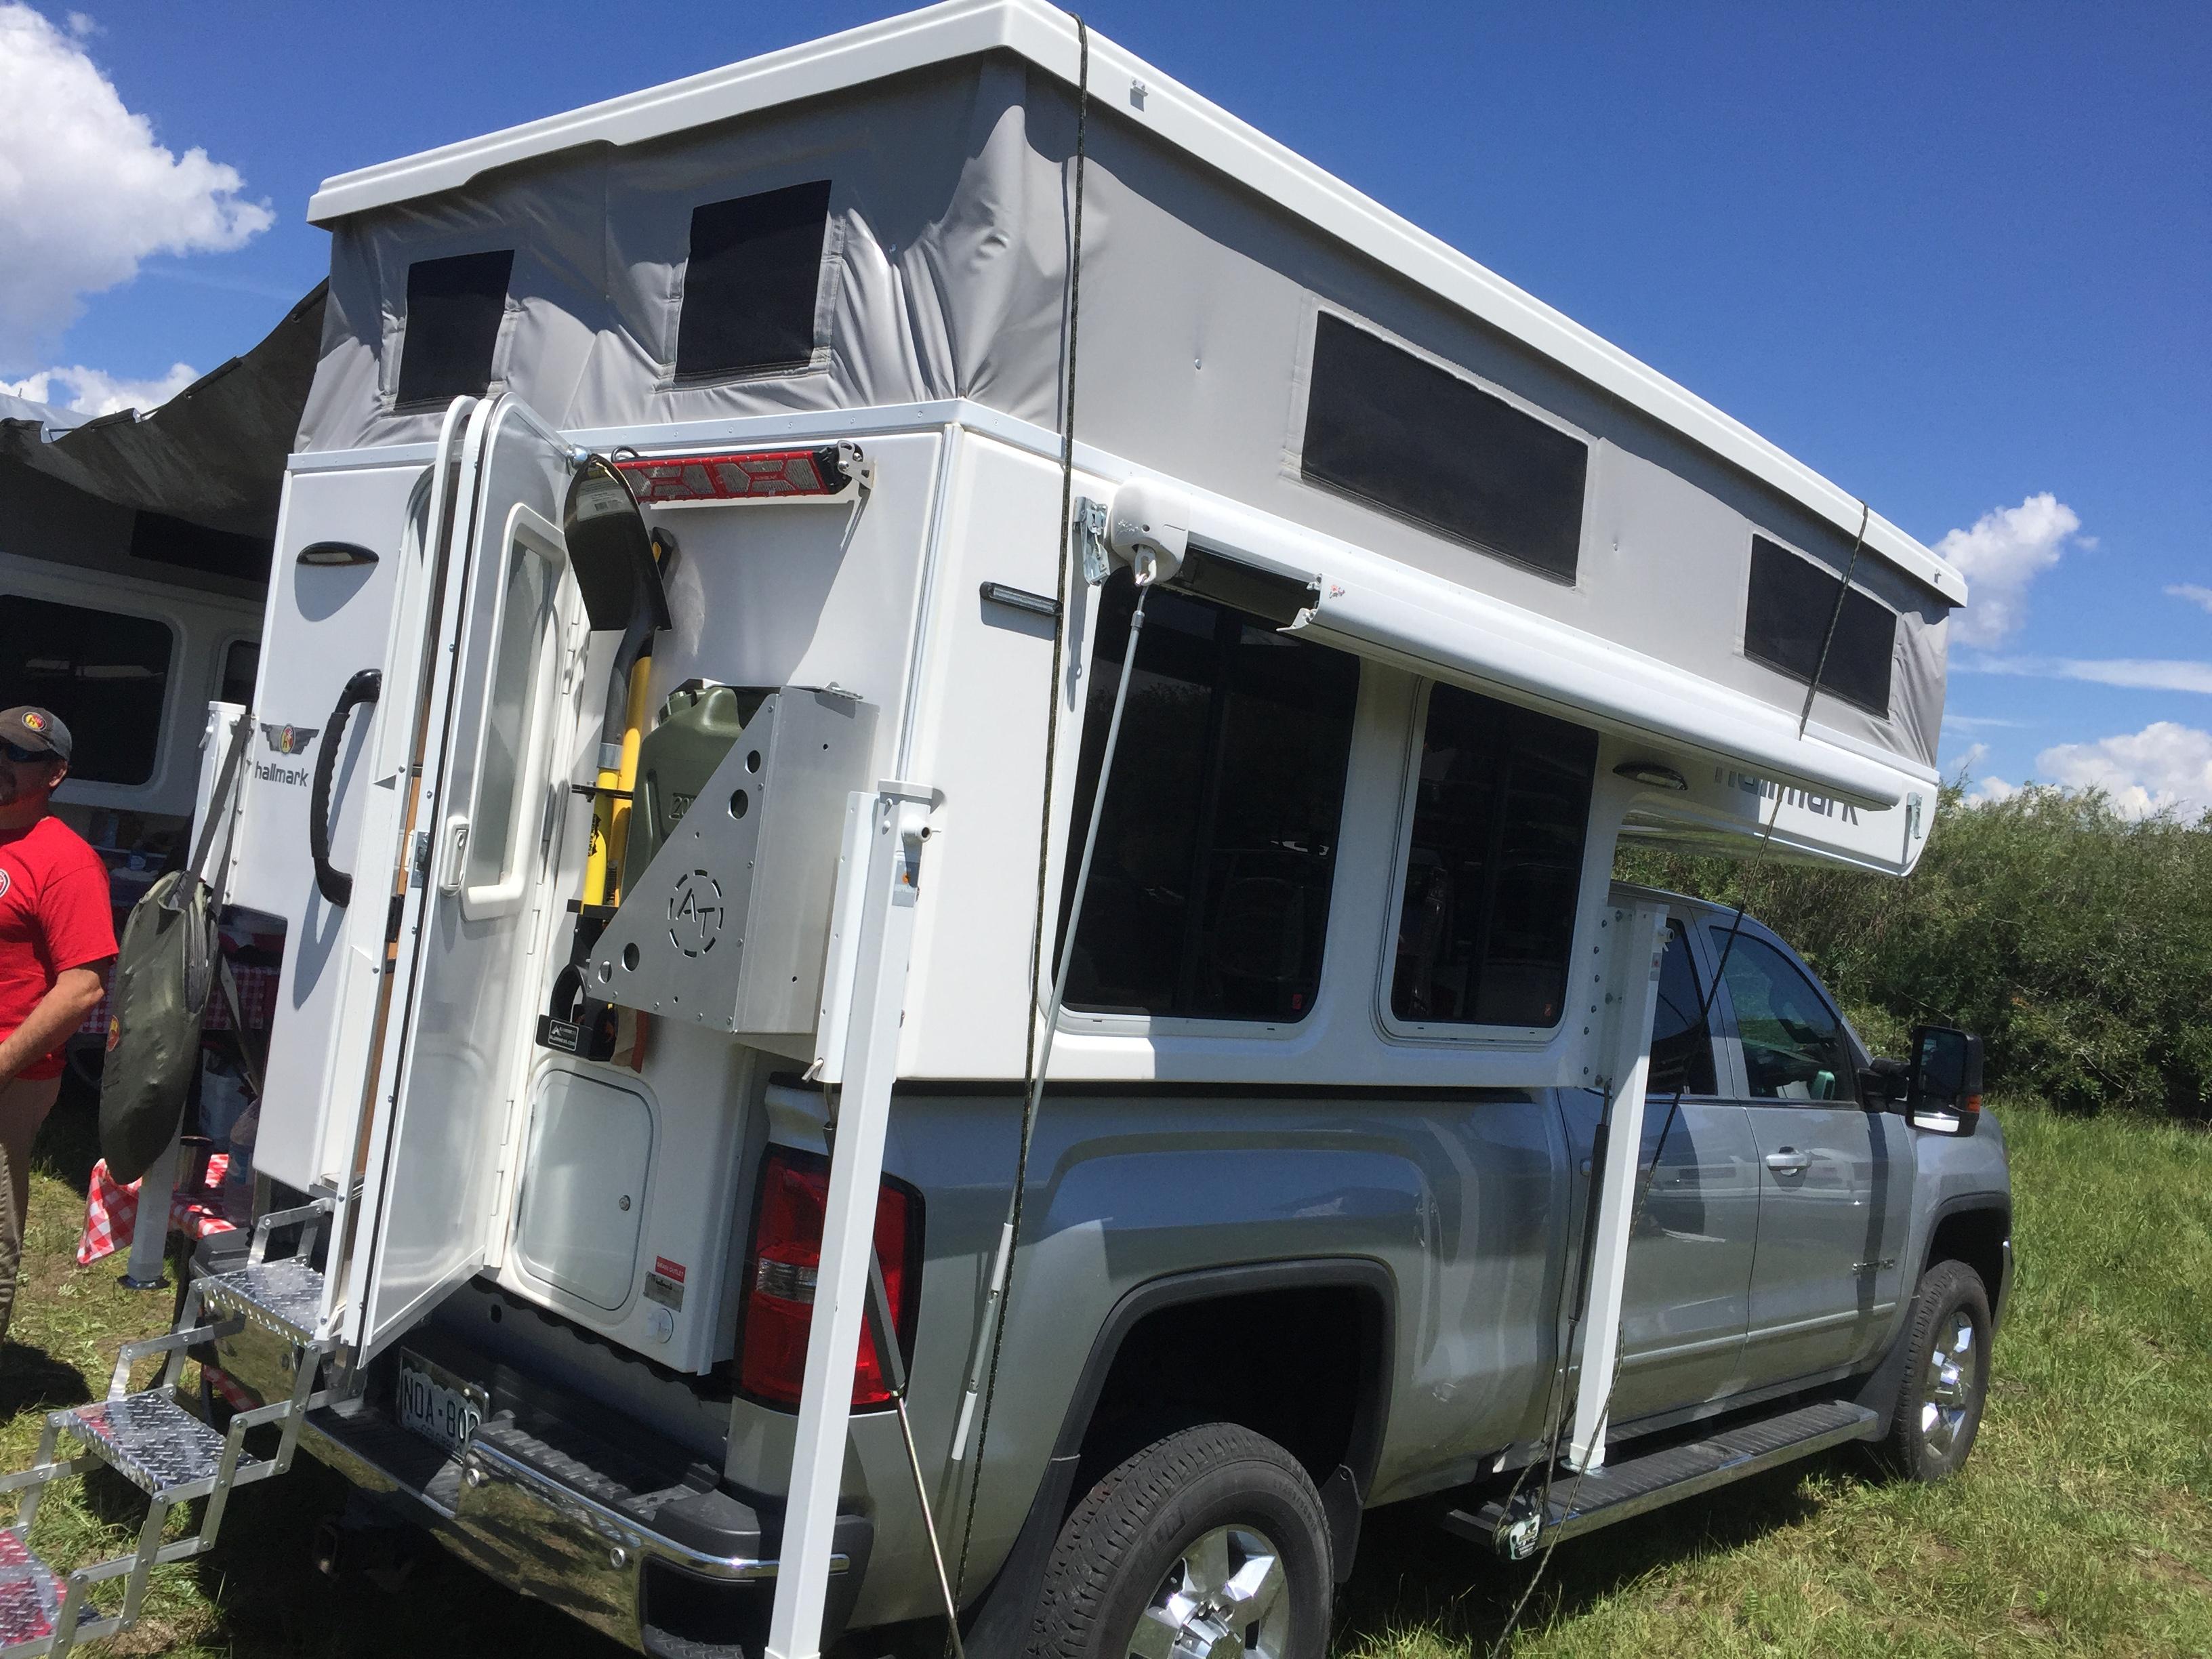 Pop-up overlanding camper